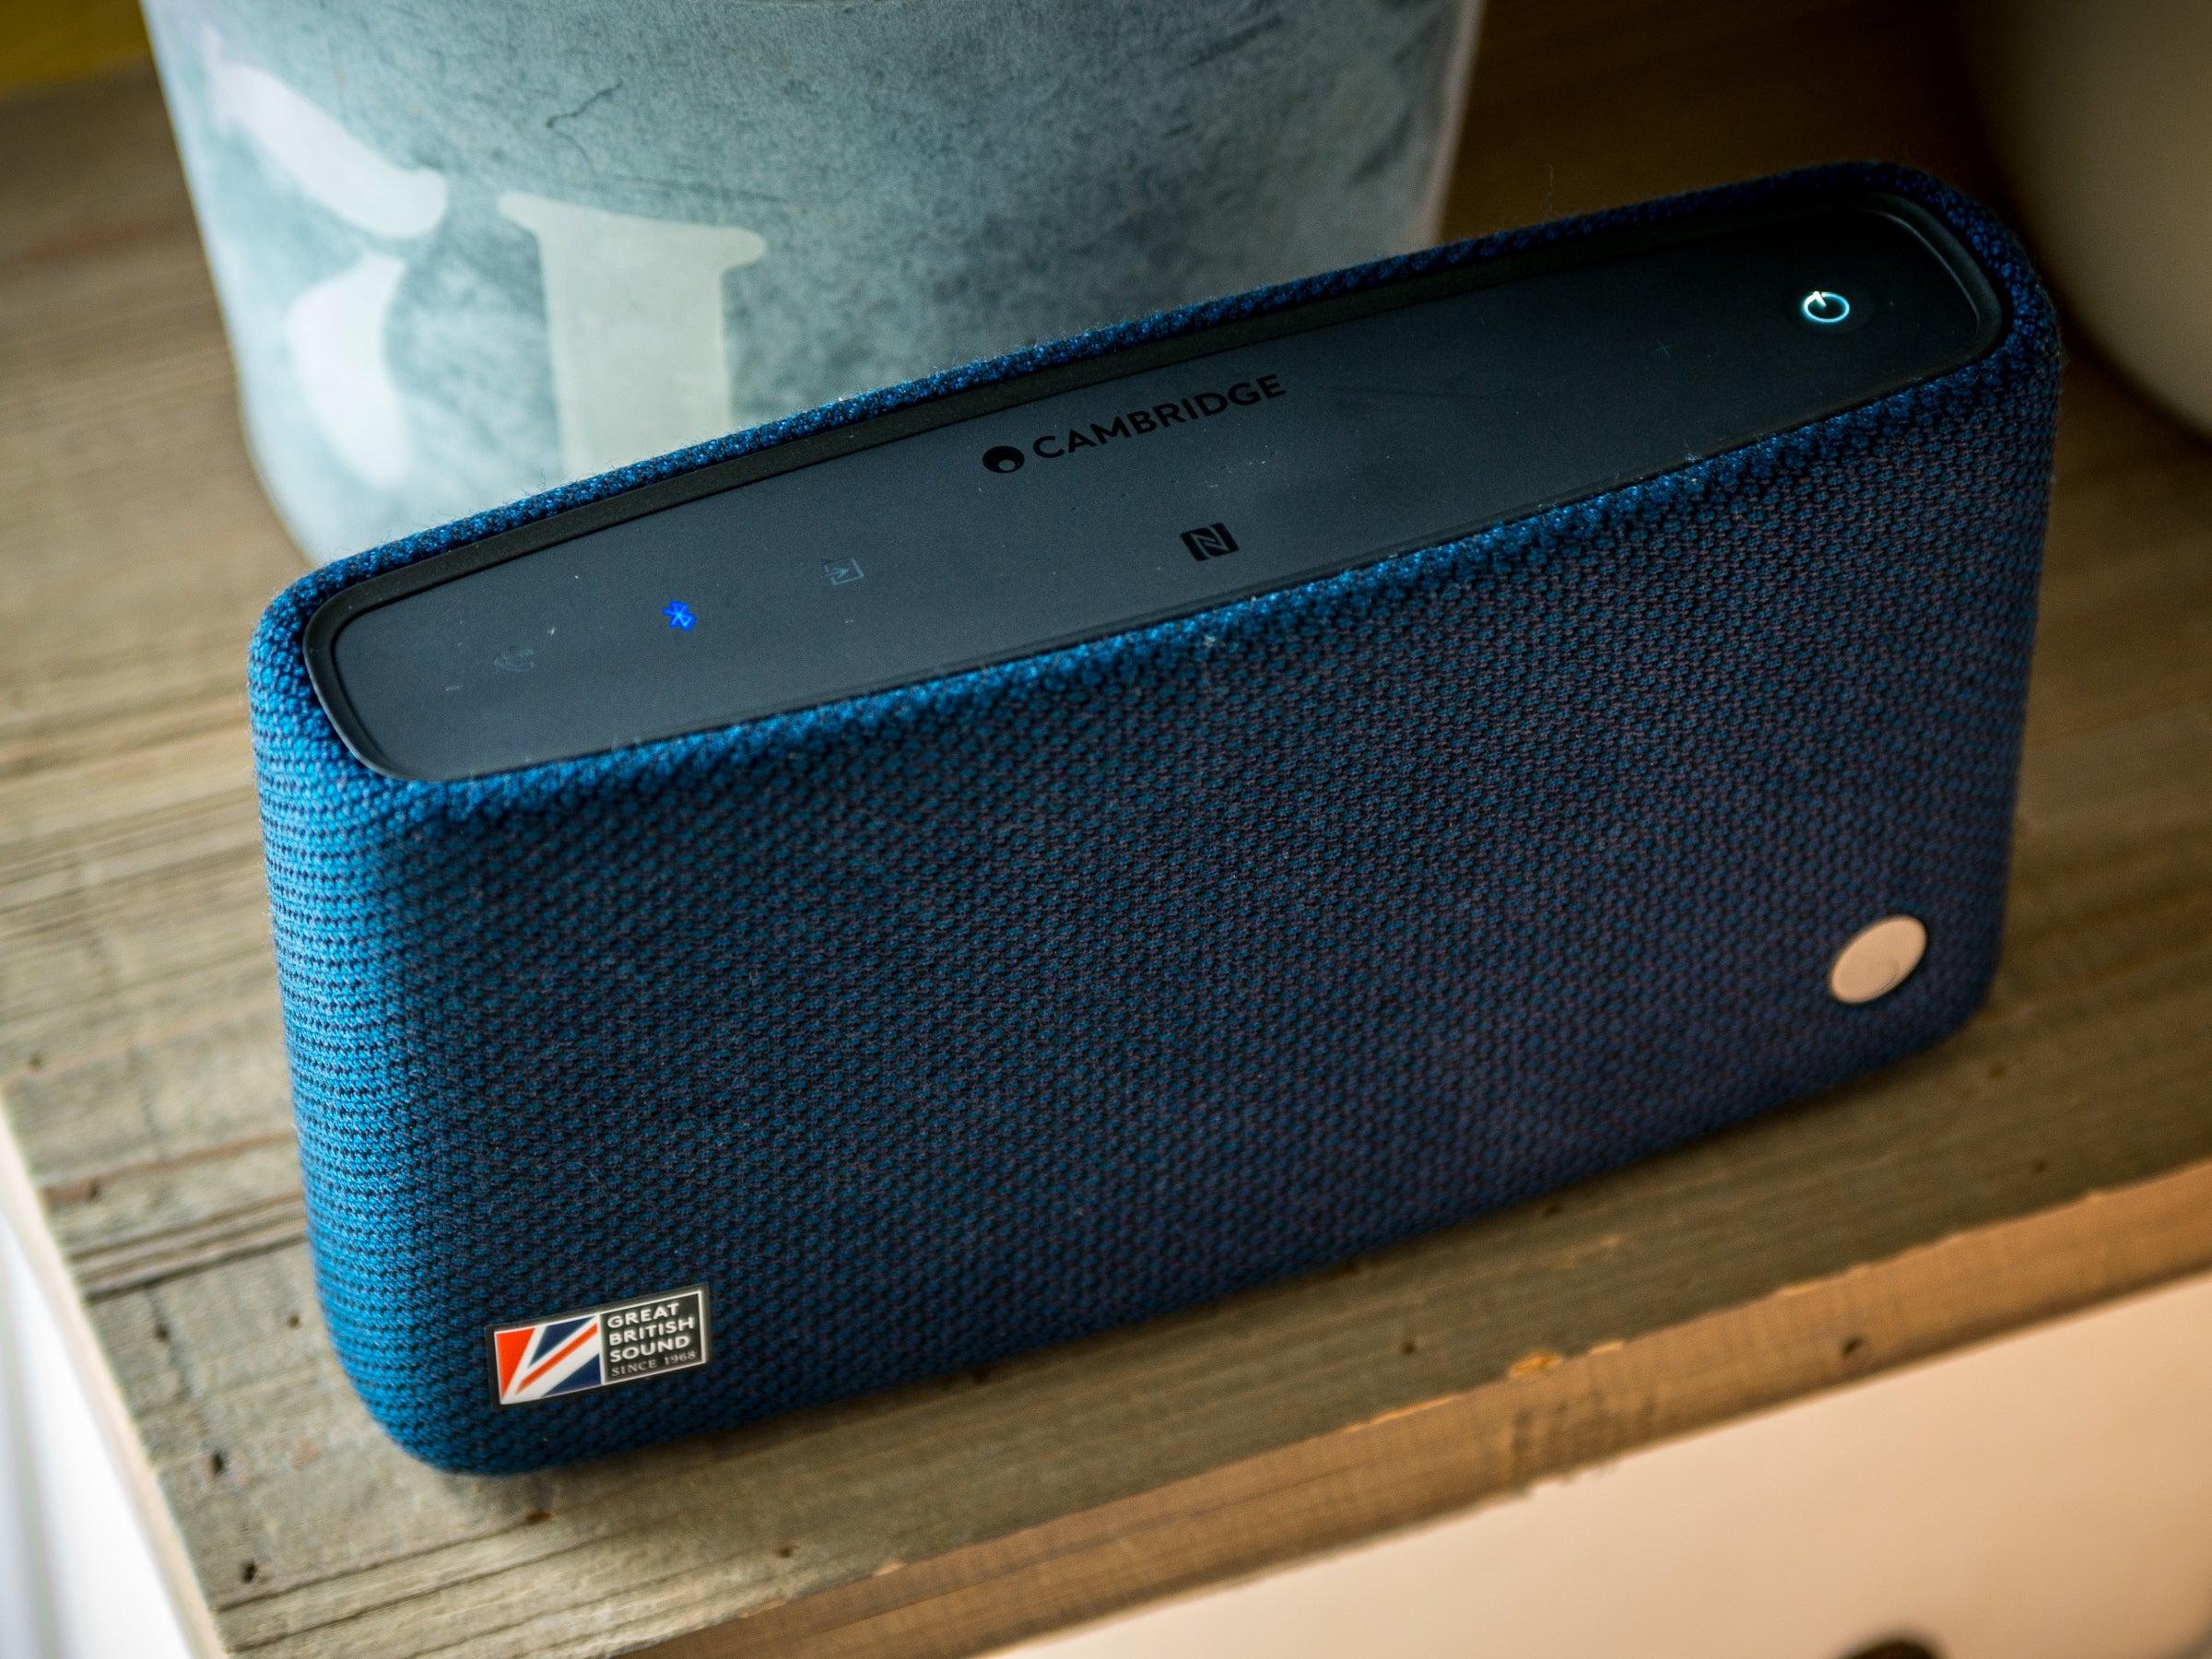 Cambridge-Audio-Yoyo-S-im-Test-Dieser-Bluetooth-Lautsprecher-hat-Stil-Charme-und-einen-guten-Klang